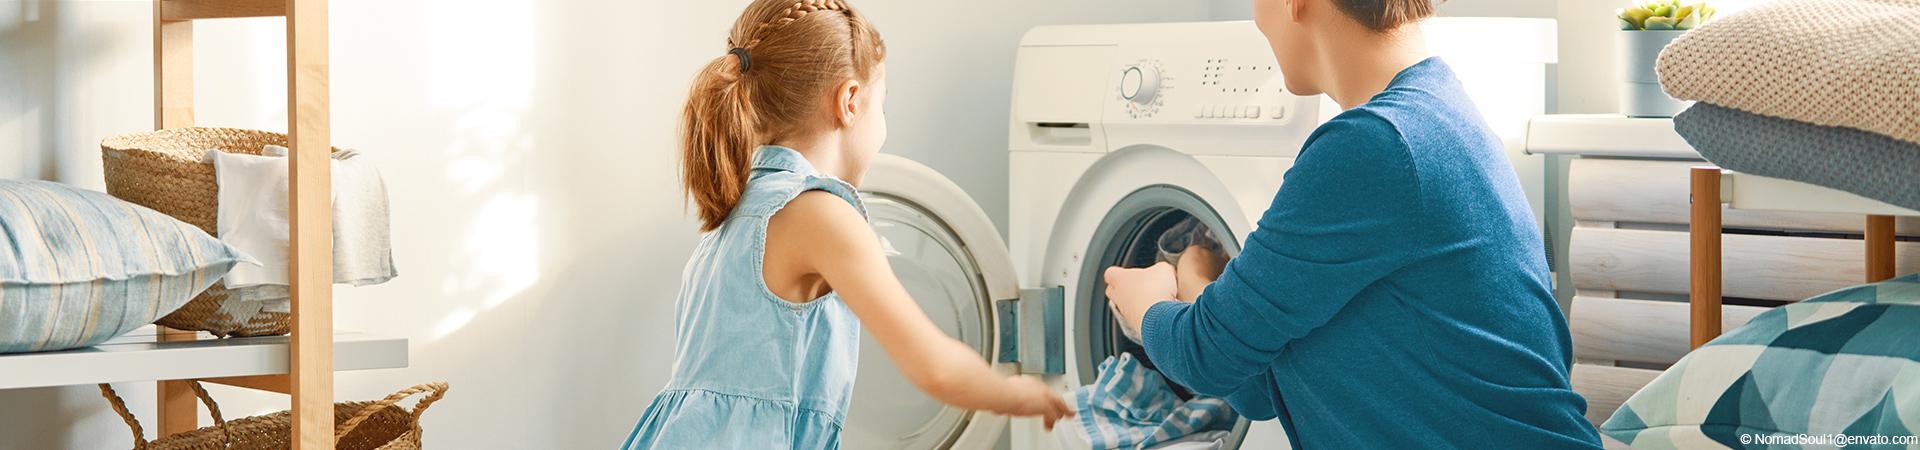 Wohnungsgenossenschaft Einheit Calbe eG - CO2 Bewusst waschen 2